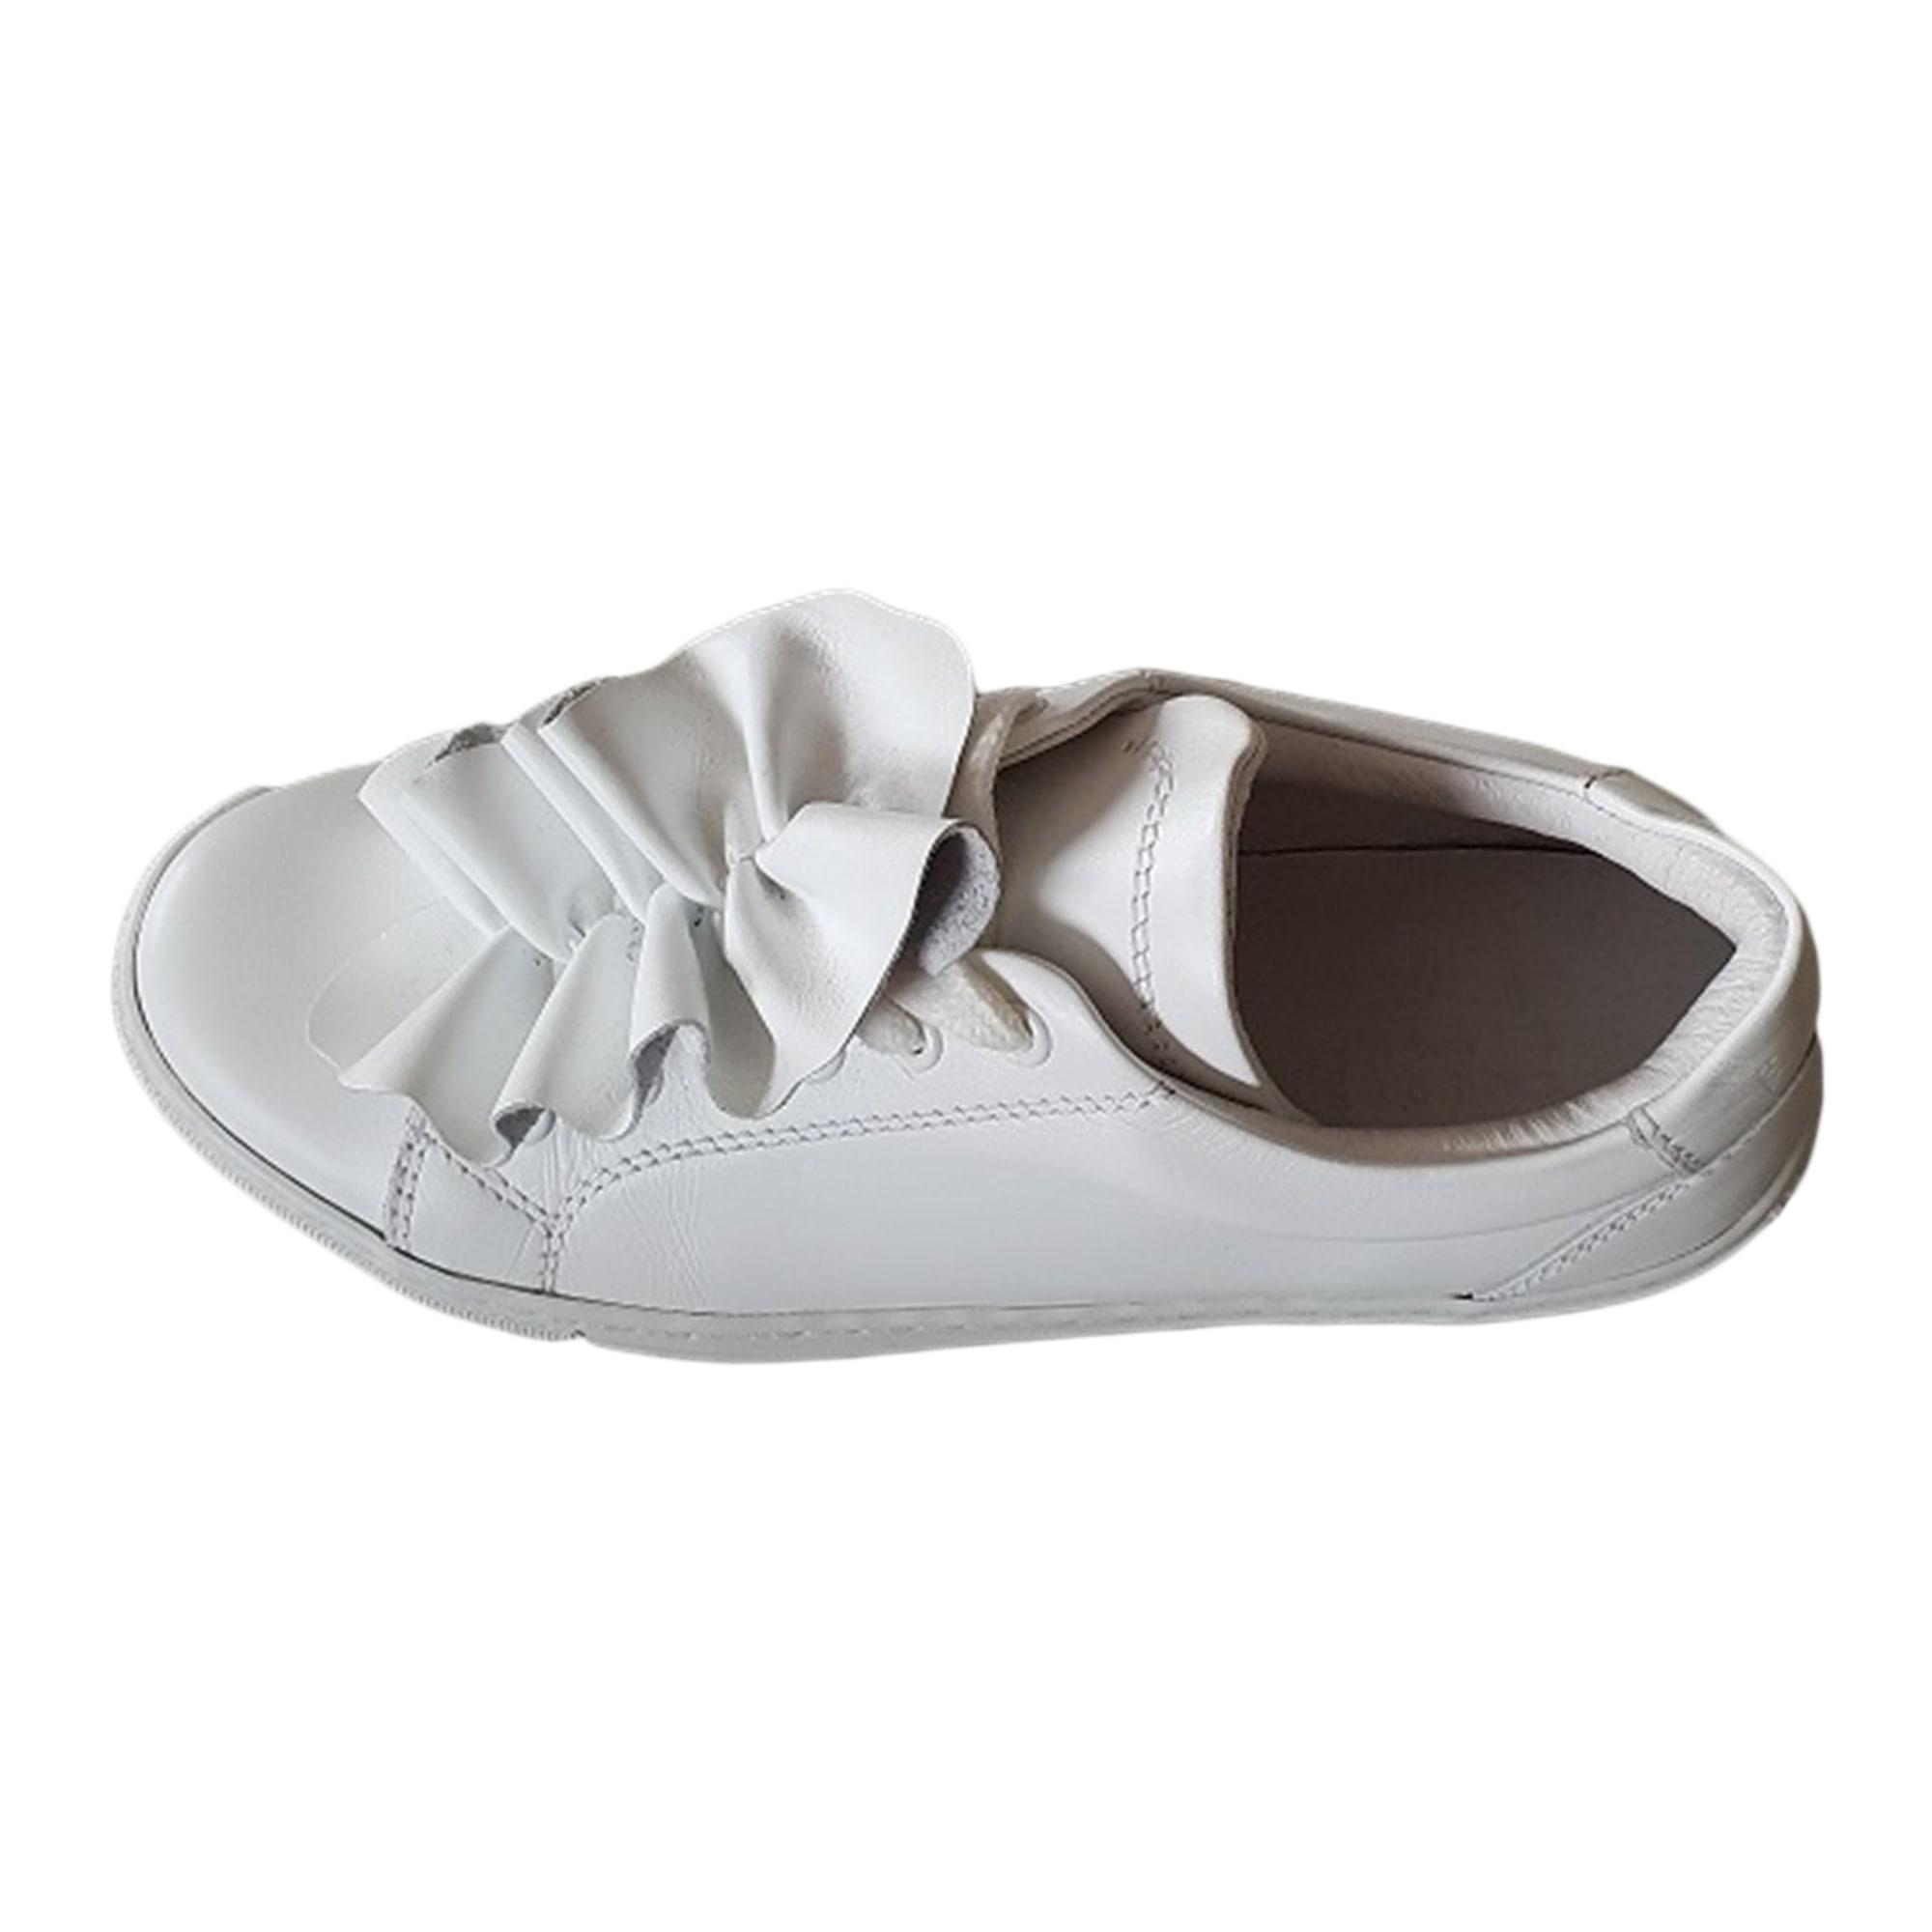 Baskets CLAUDIE PIERLOT Blanc, blanc cassé, écru